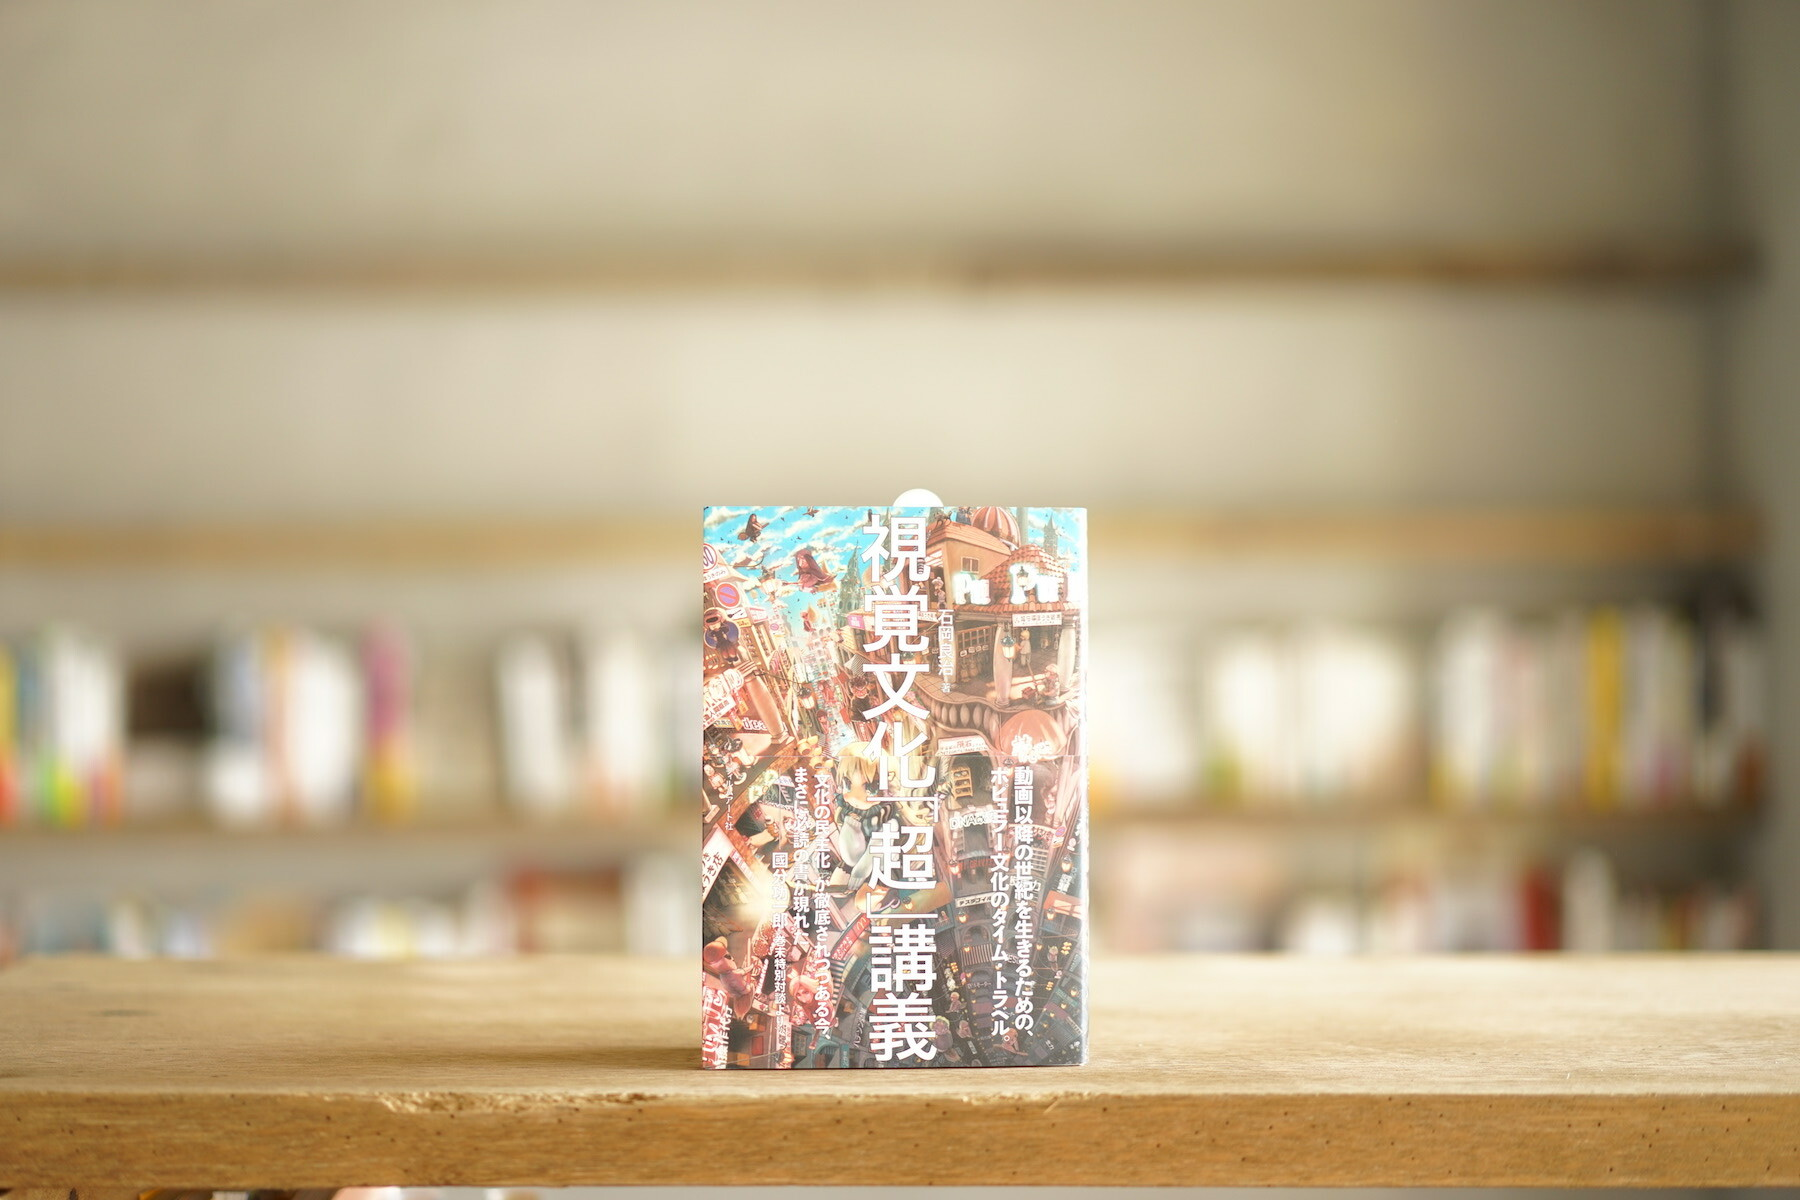 石岡良治 『視覚文化「超」講義』 (フィルムアート社、2014)